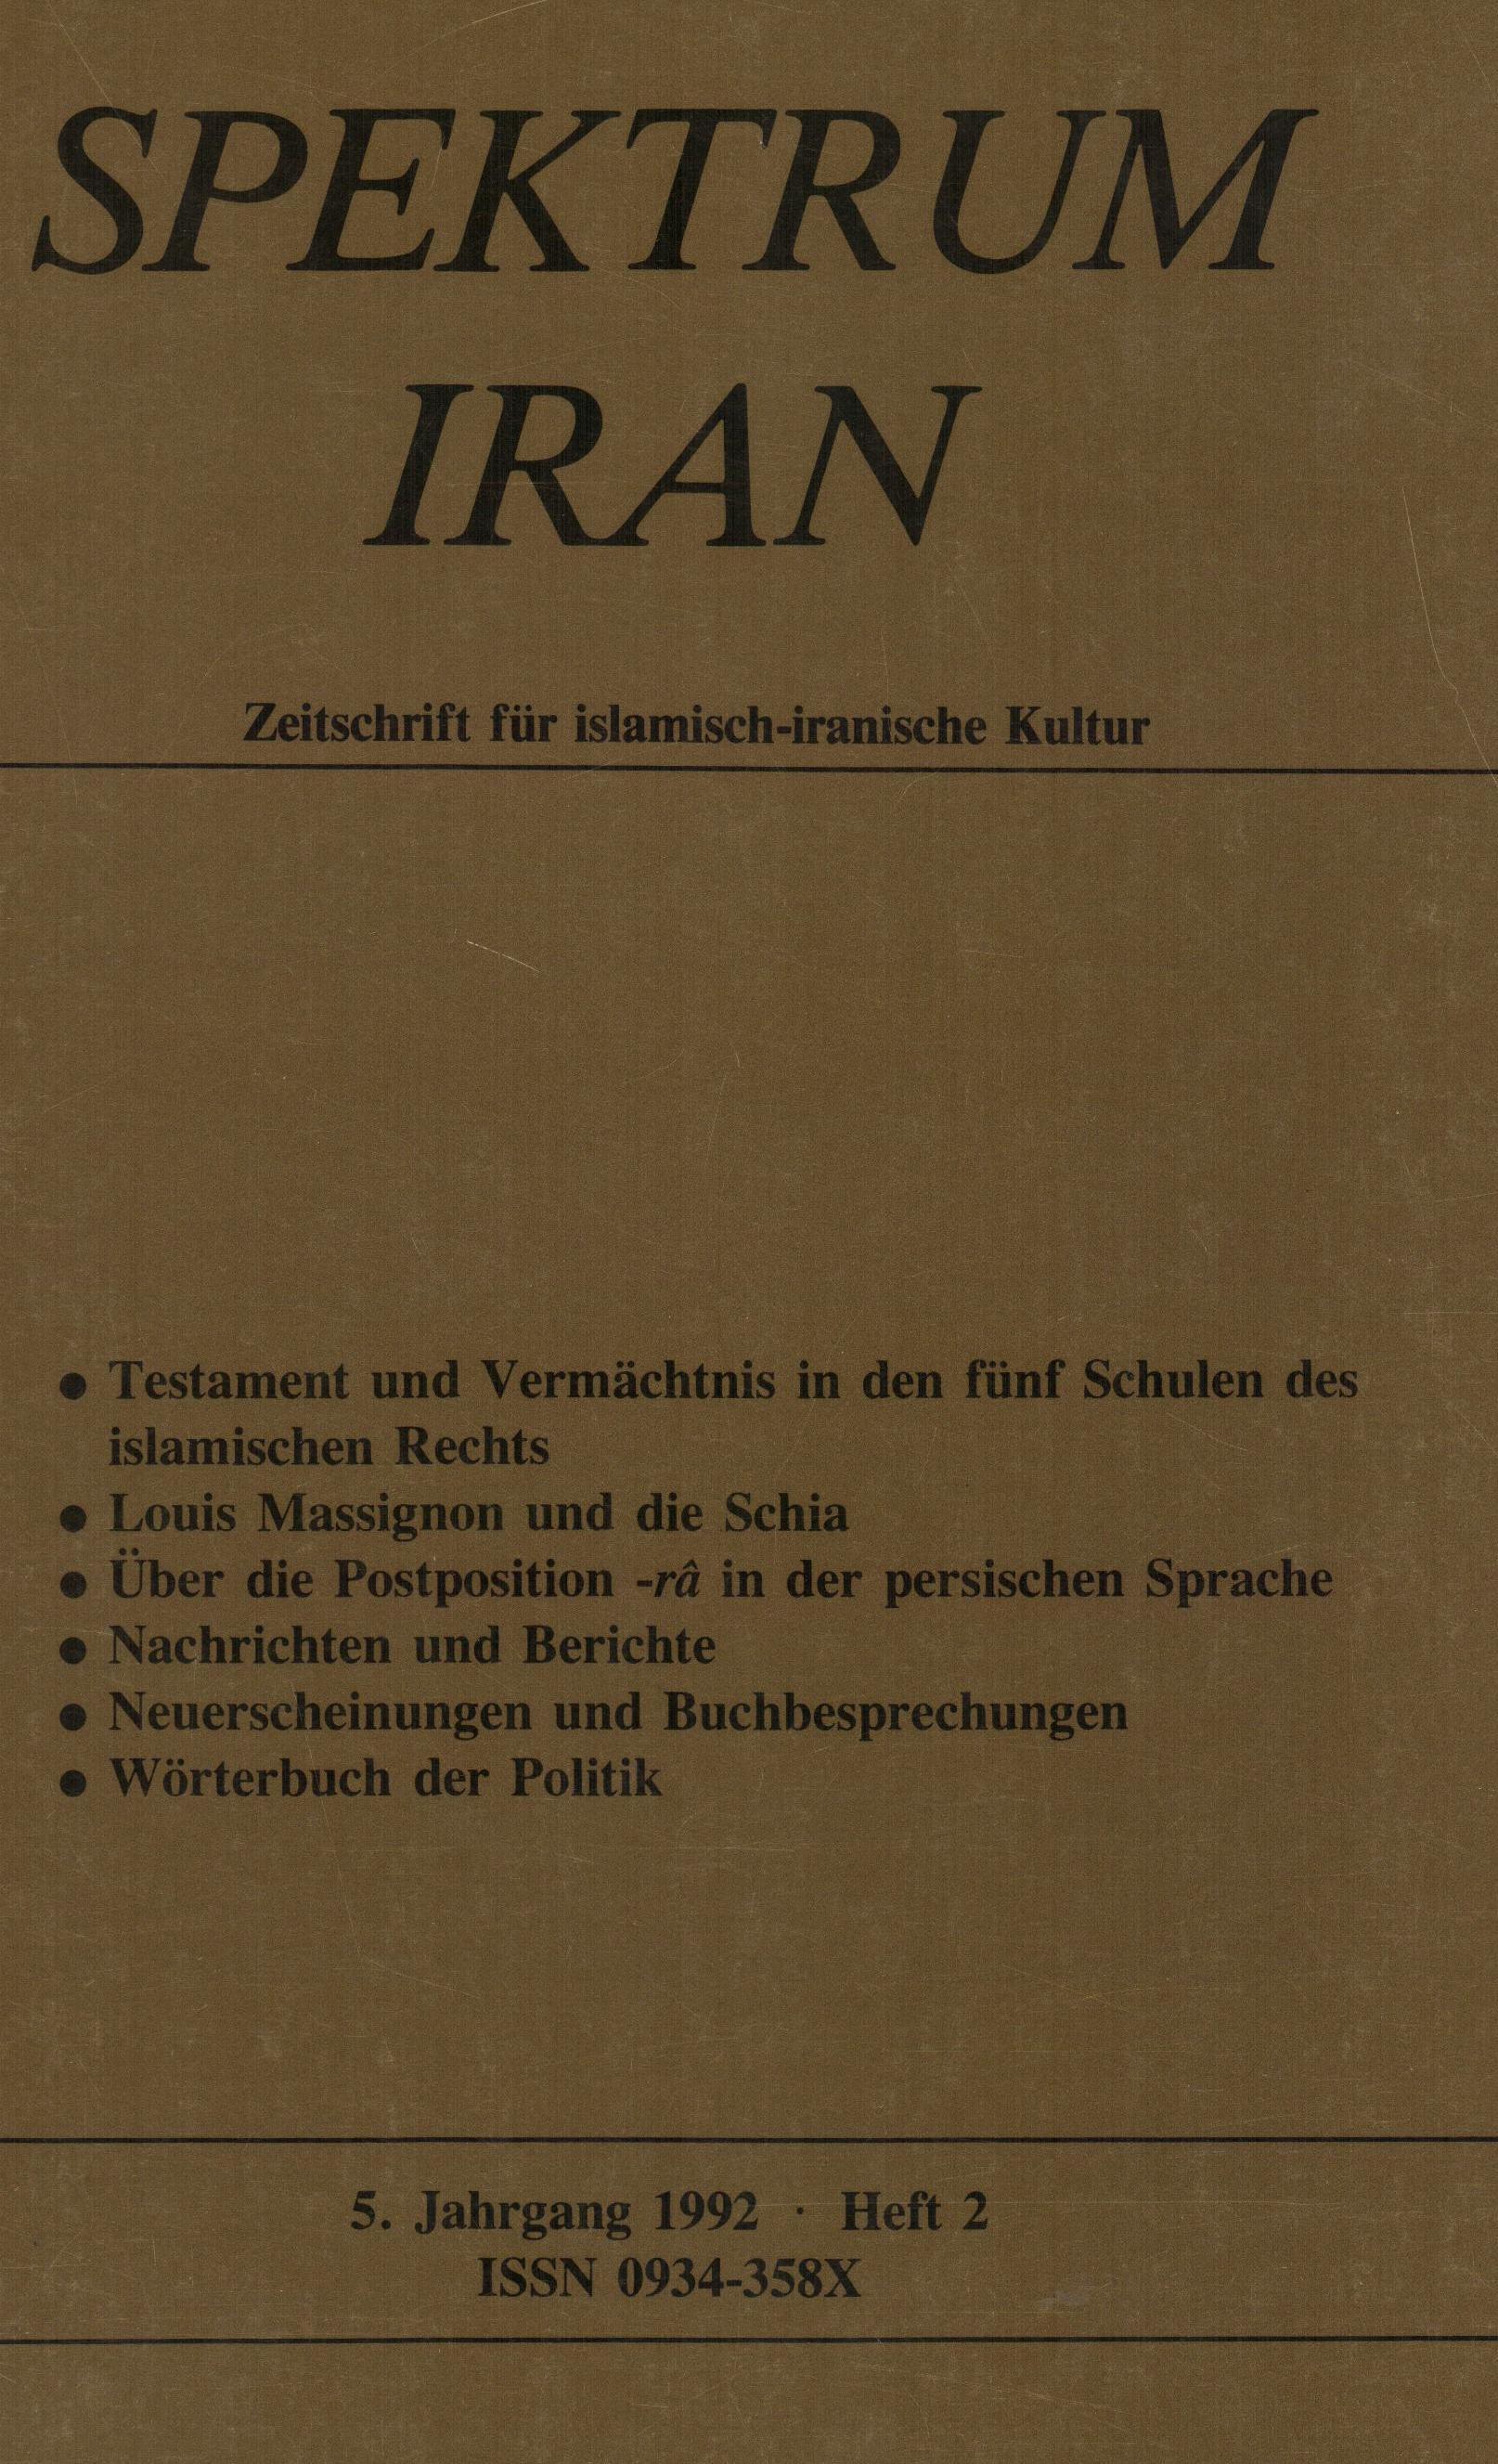 Spektrum Iran 2 - 1992